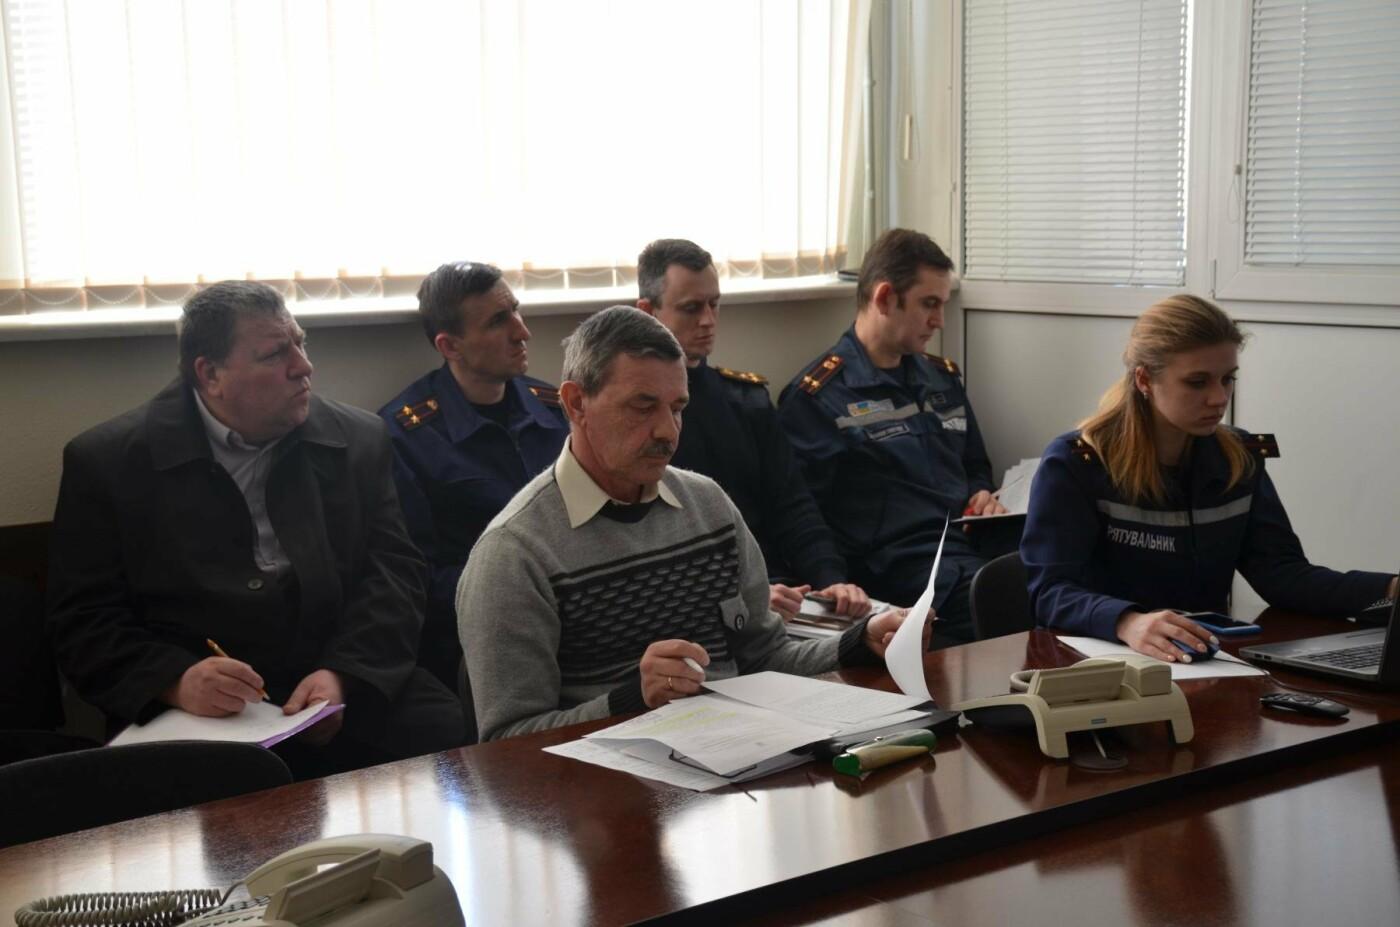 Николаевские спасатели обсудили безопасность торговых центров, лесов и церквей, - ФОТО, фото-1